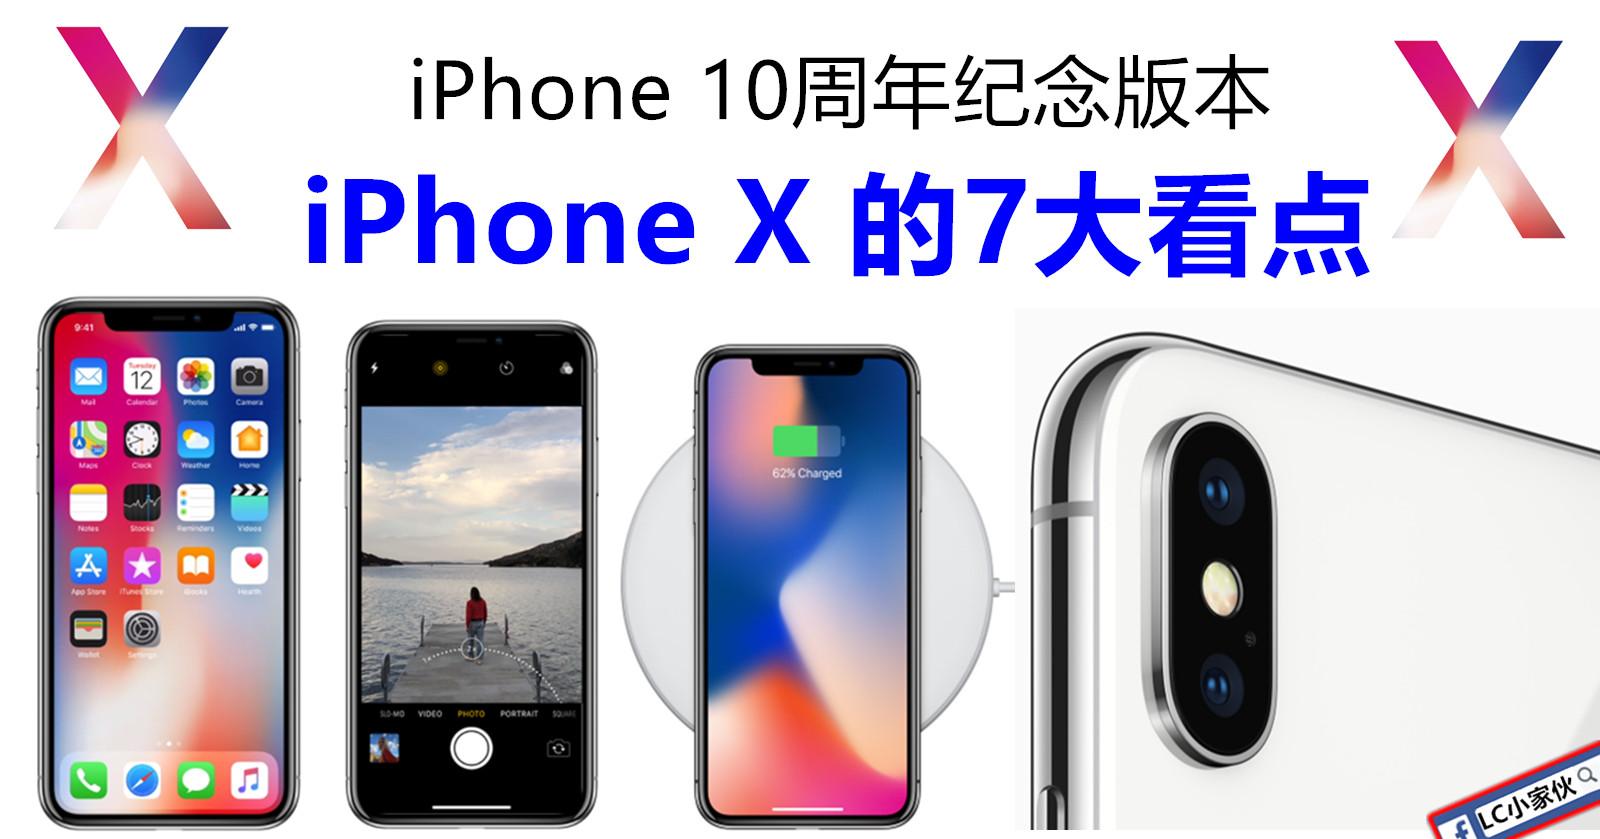 iPhone X 的7大亮點看這里 | LC 小傢伙綜合網